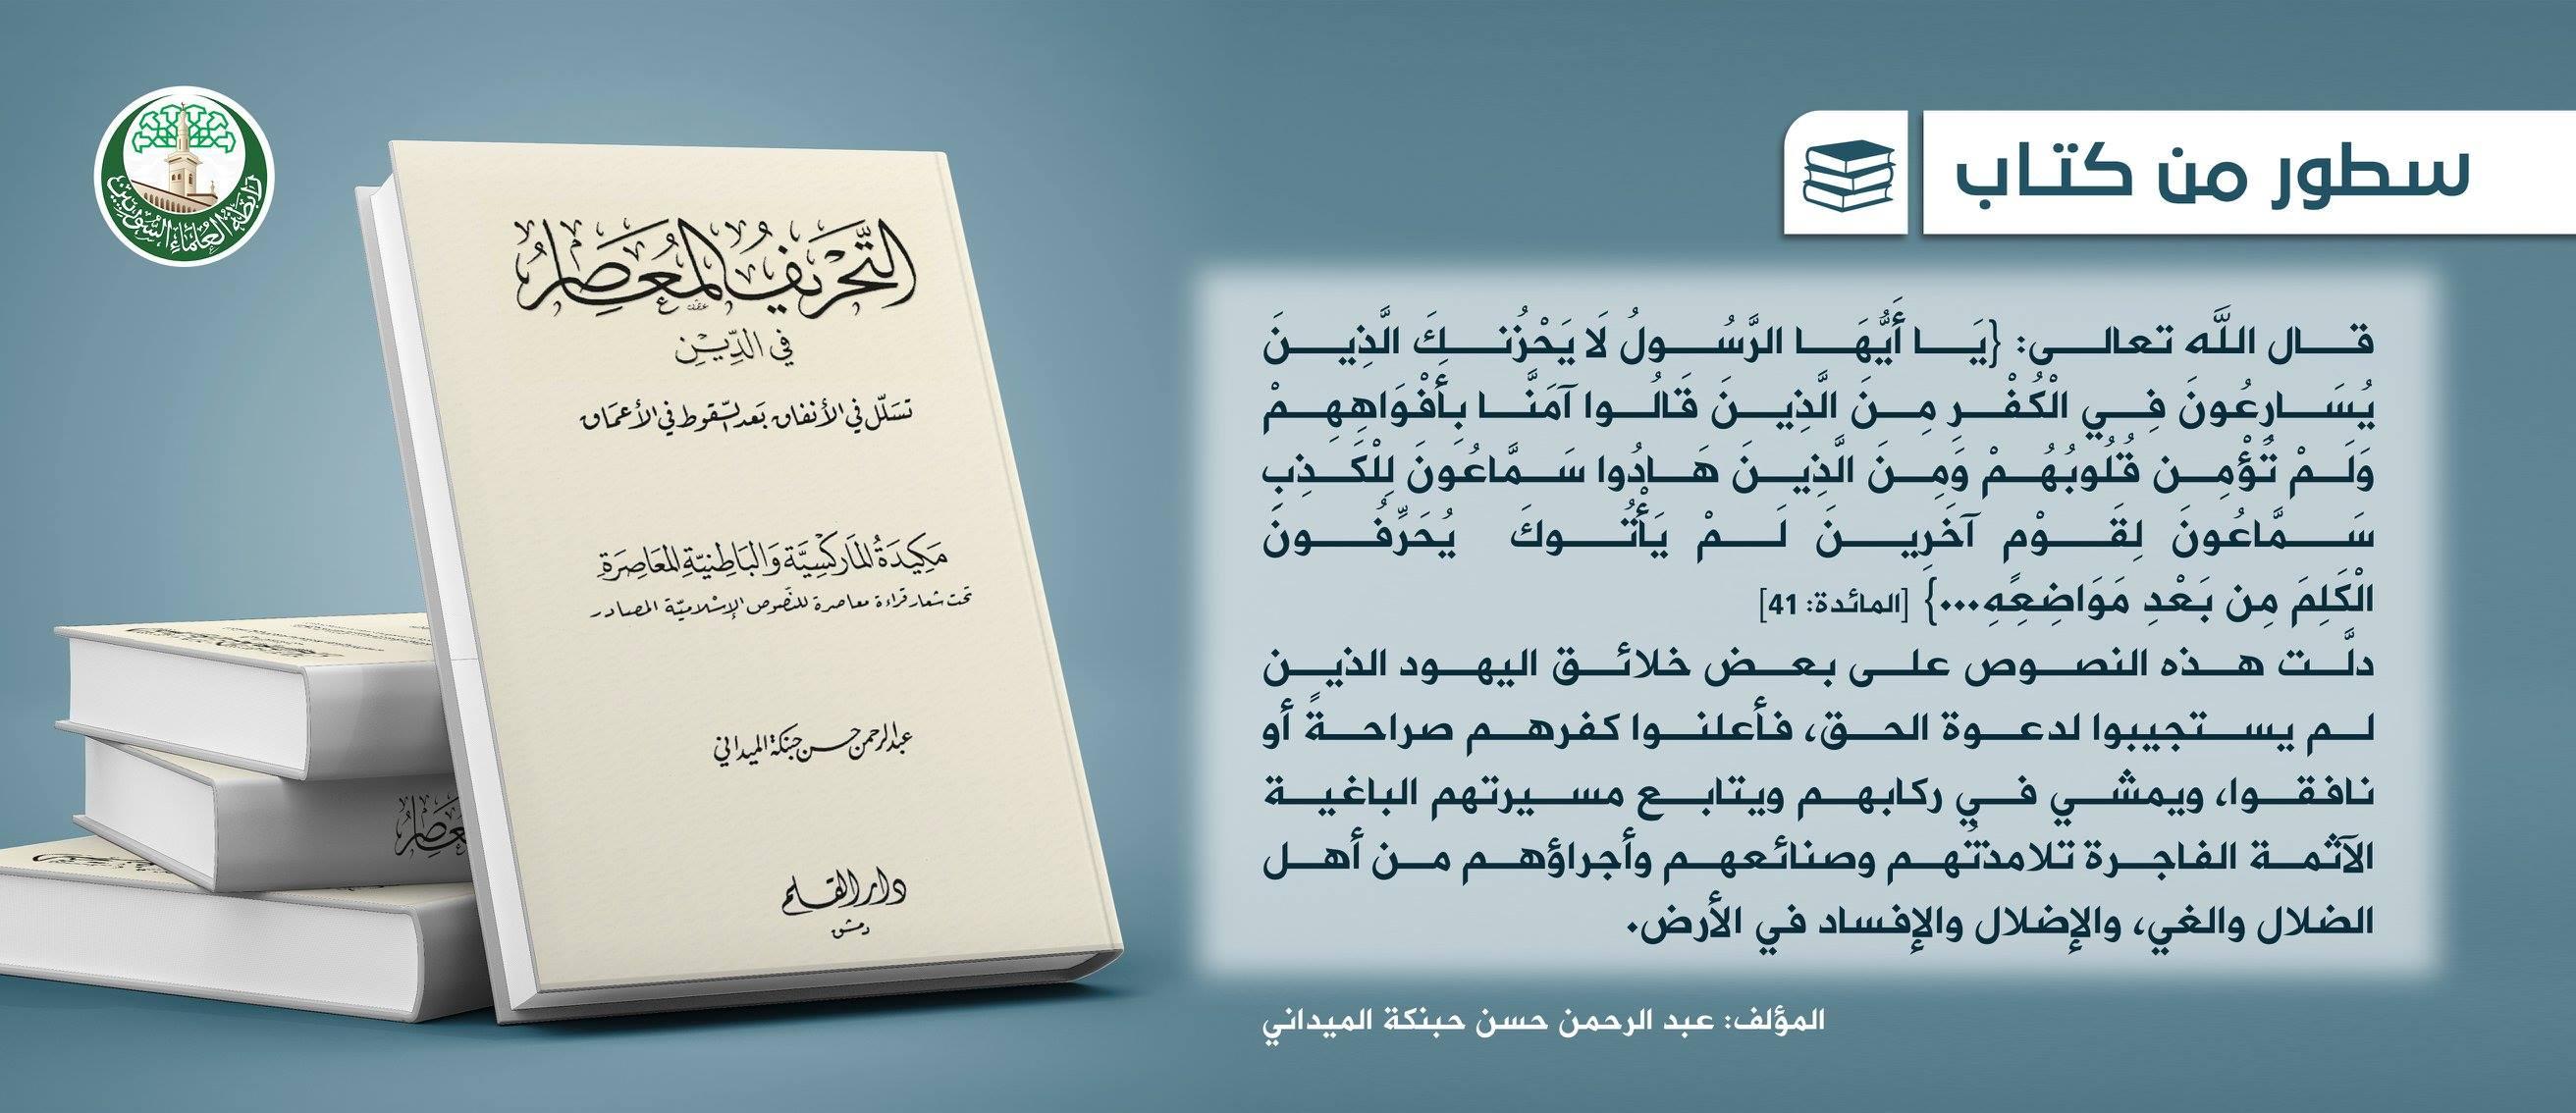 التحريف المعاصر - الشيخ عبد الرحمن حسن حبنكة الميداني